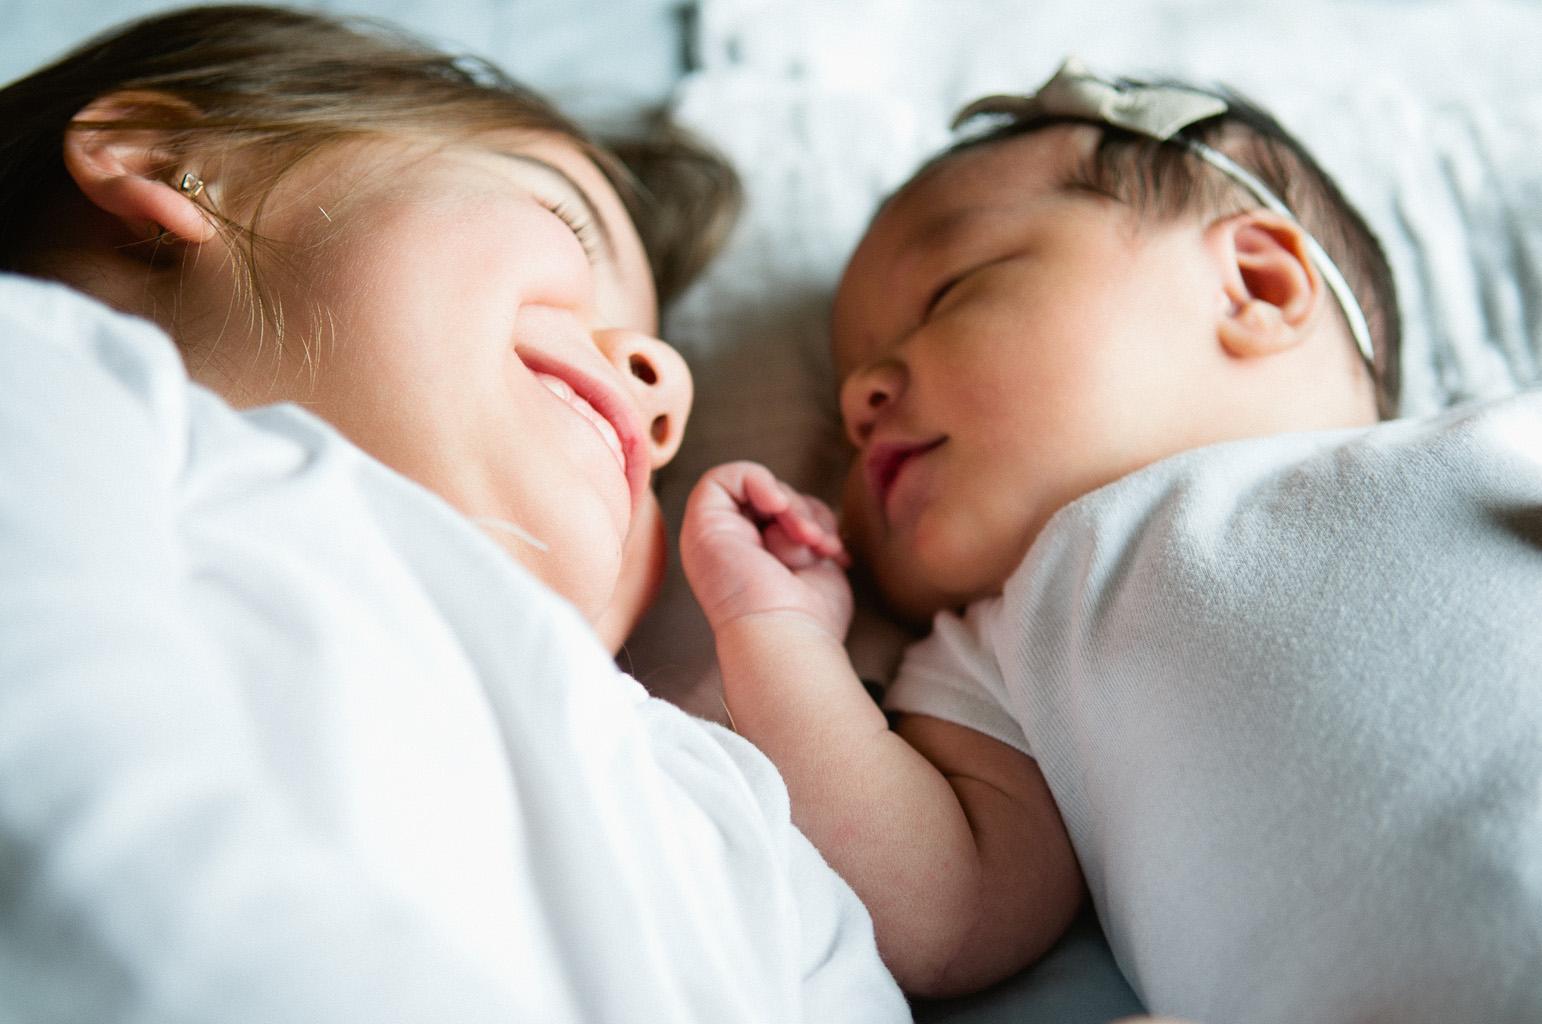 koko_newborns_38.jpg